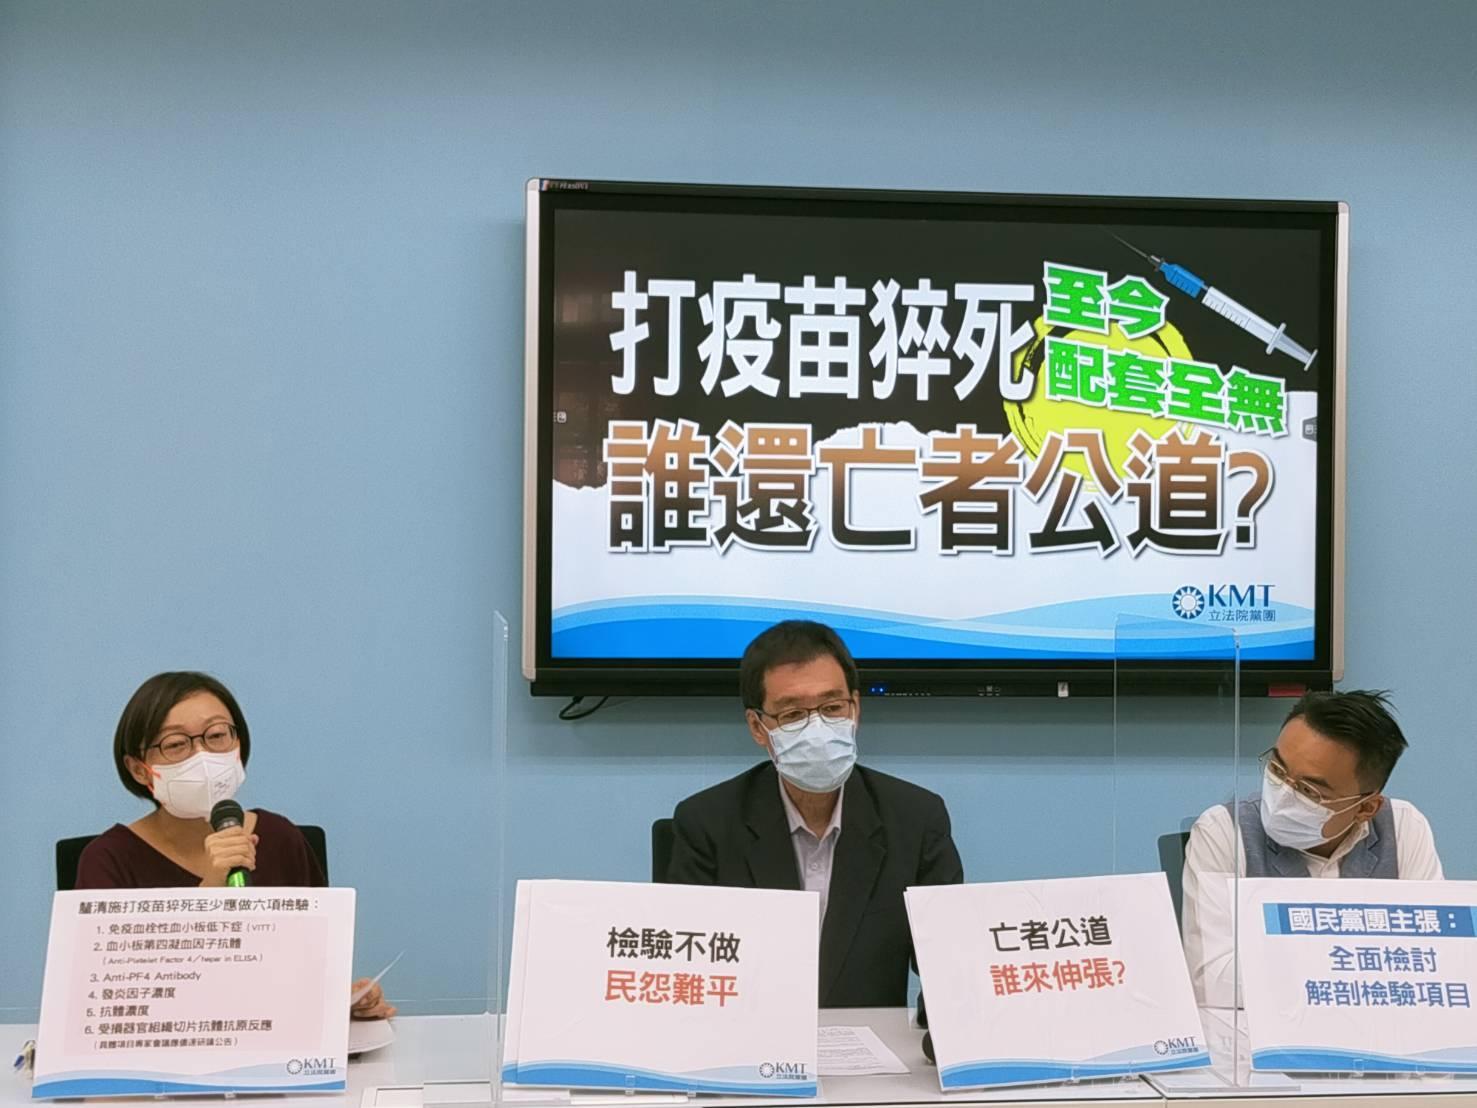 打疫苗猝死「非法醫研究所業管」 吳怡玎:誰還家屬公道?